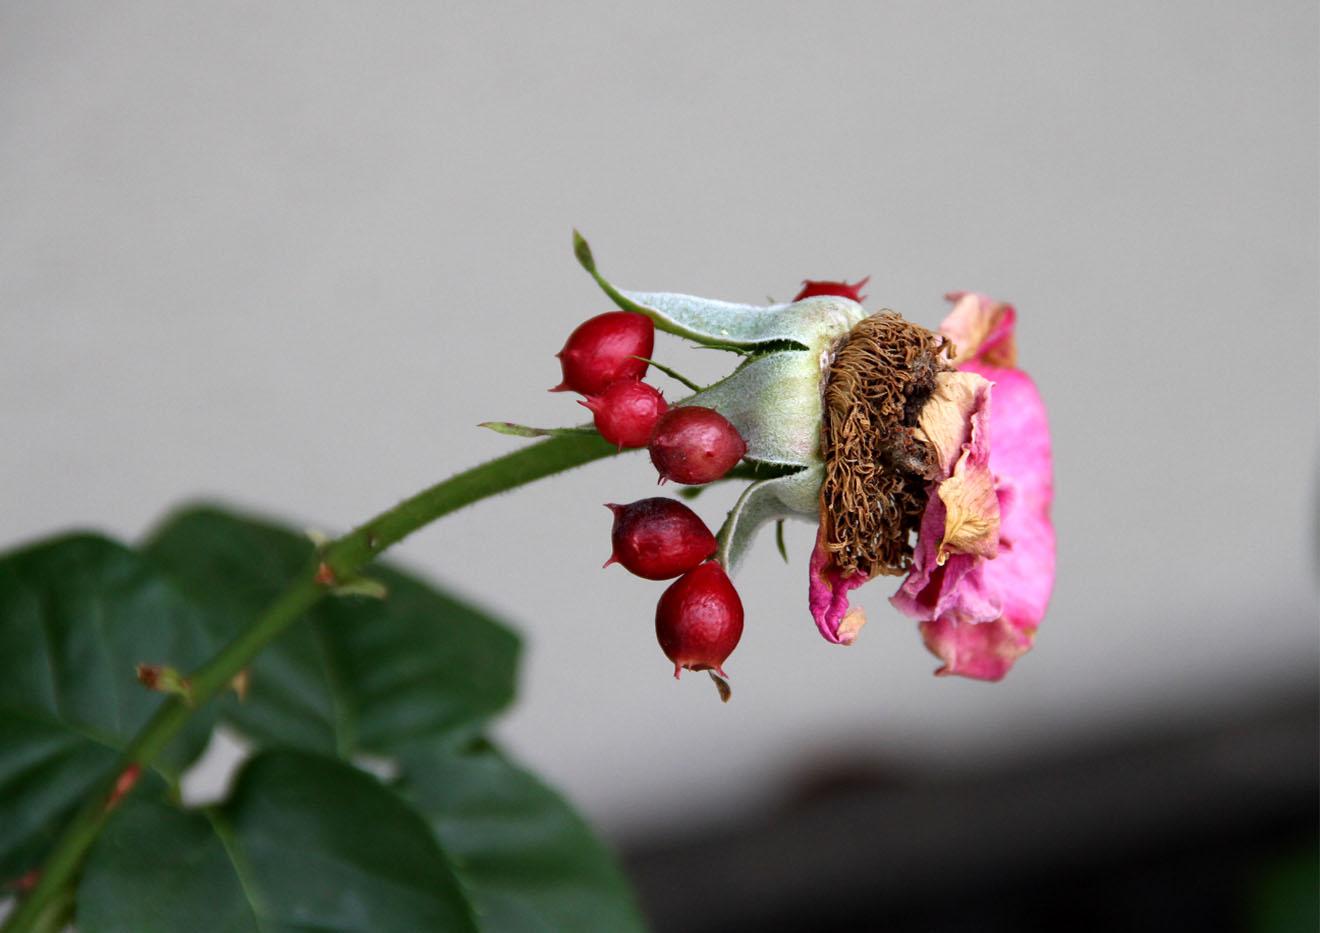 綺麗でも気味悪い 虫こぶ(3)